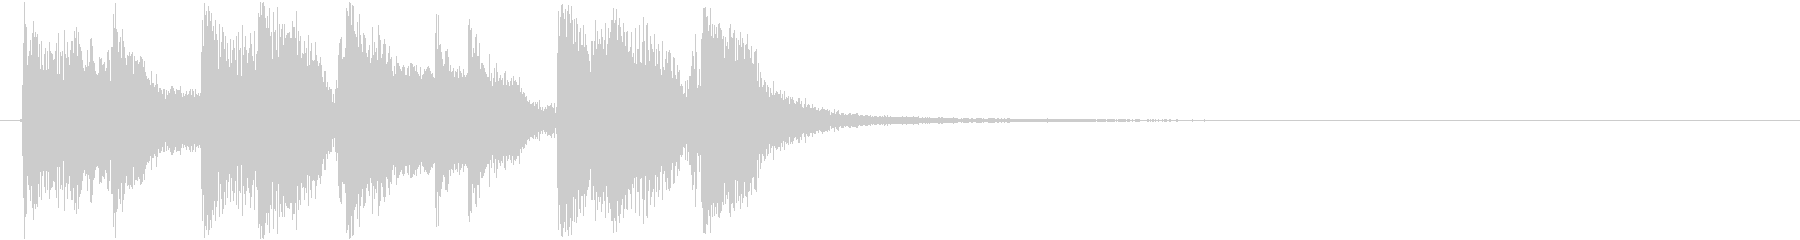 ジャズピアノのアイキャッチの未再生の波形